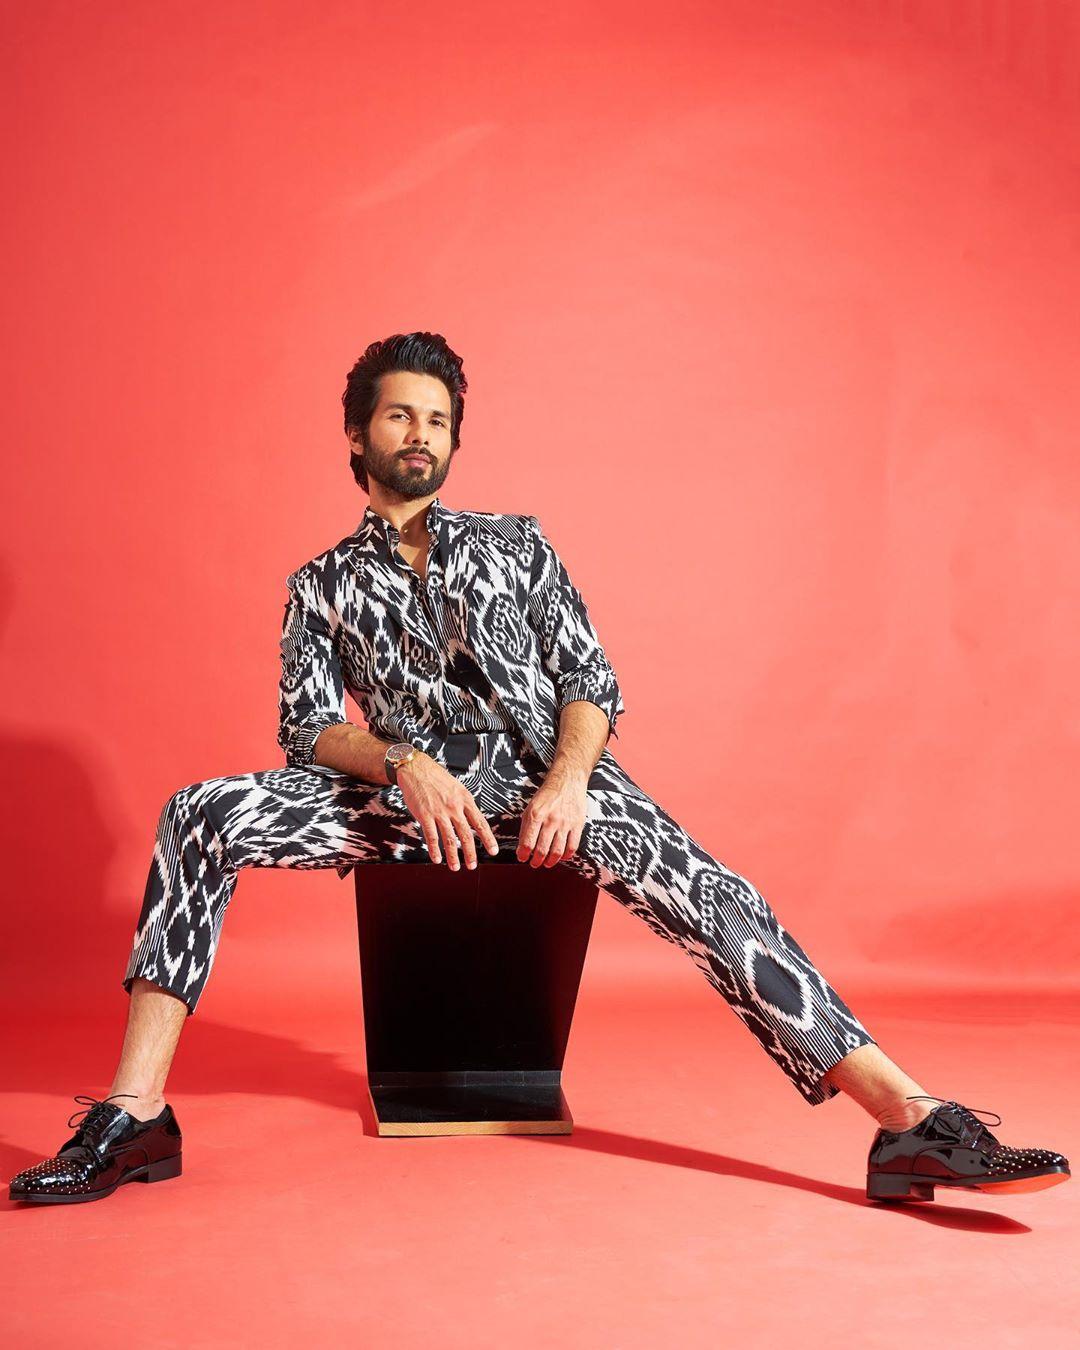 Shahid Kapoor, Alia Bhatt, Malaika Arora: Three Celebs Who Rocked the Print Look